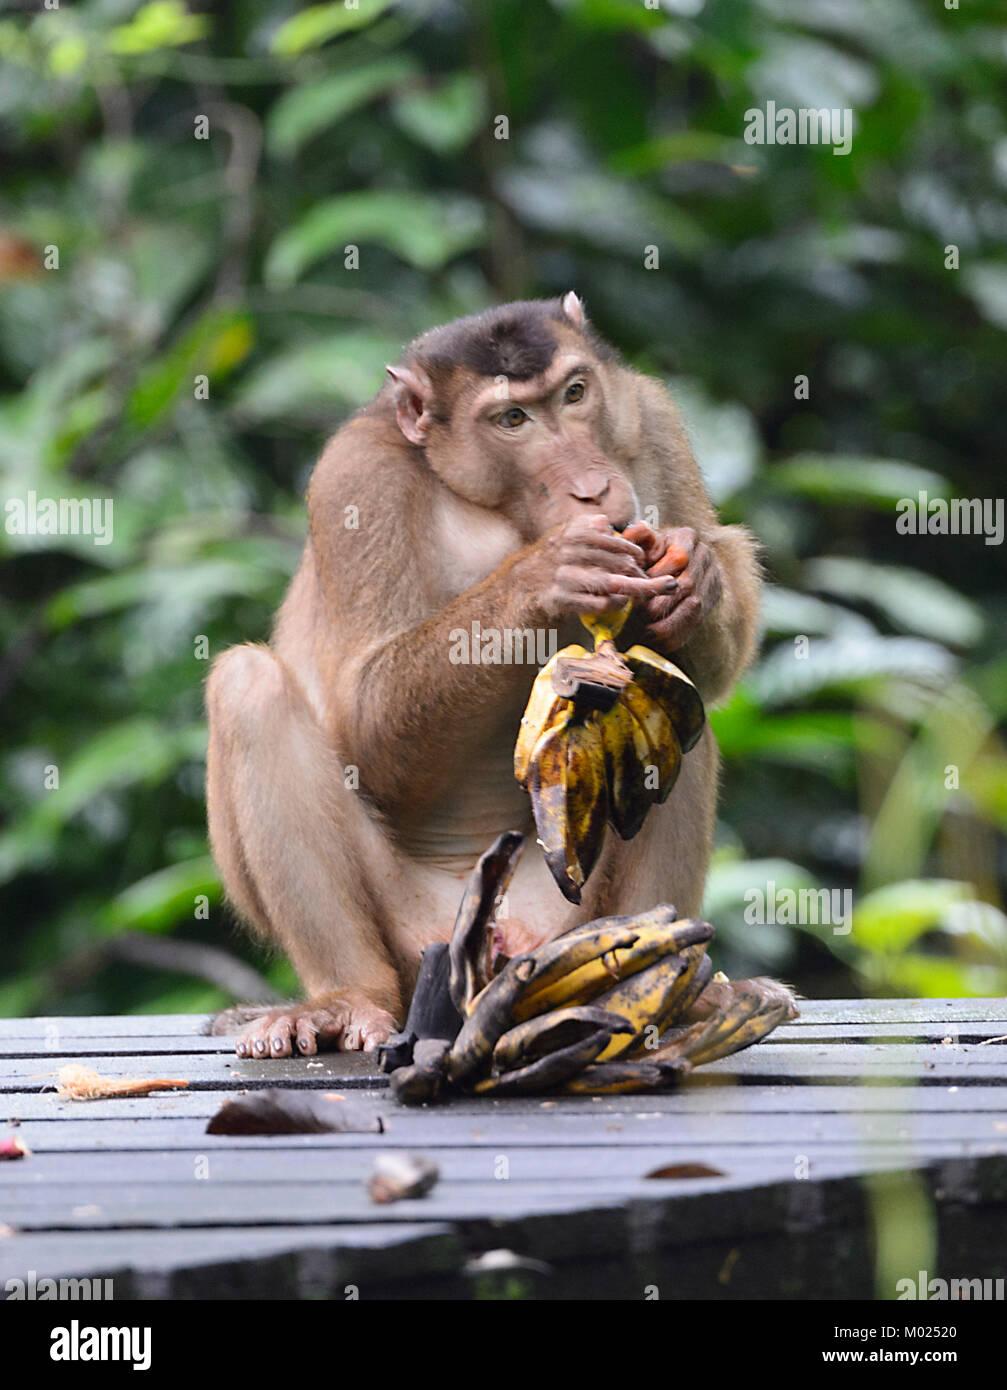 Southern Pig-coda Macaque (Macaca nemestrina) mangiare banane, Sepilok Orangutan Centro di riabilitazione, Borneo, Immagini Stock